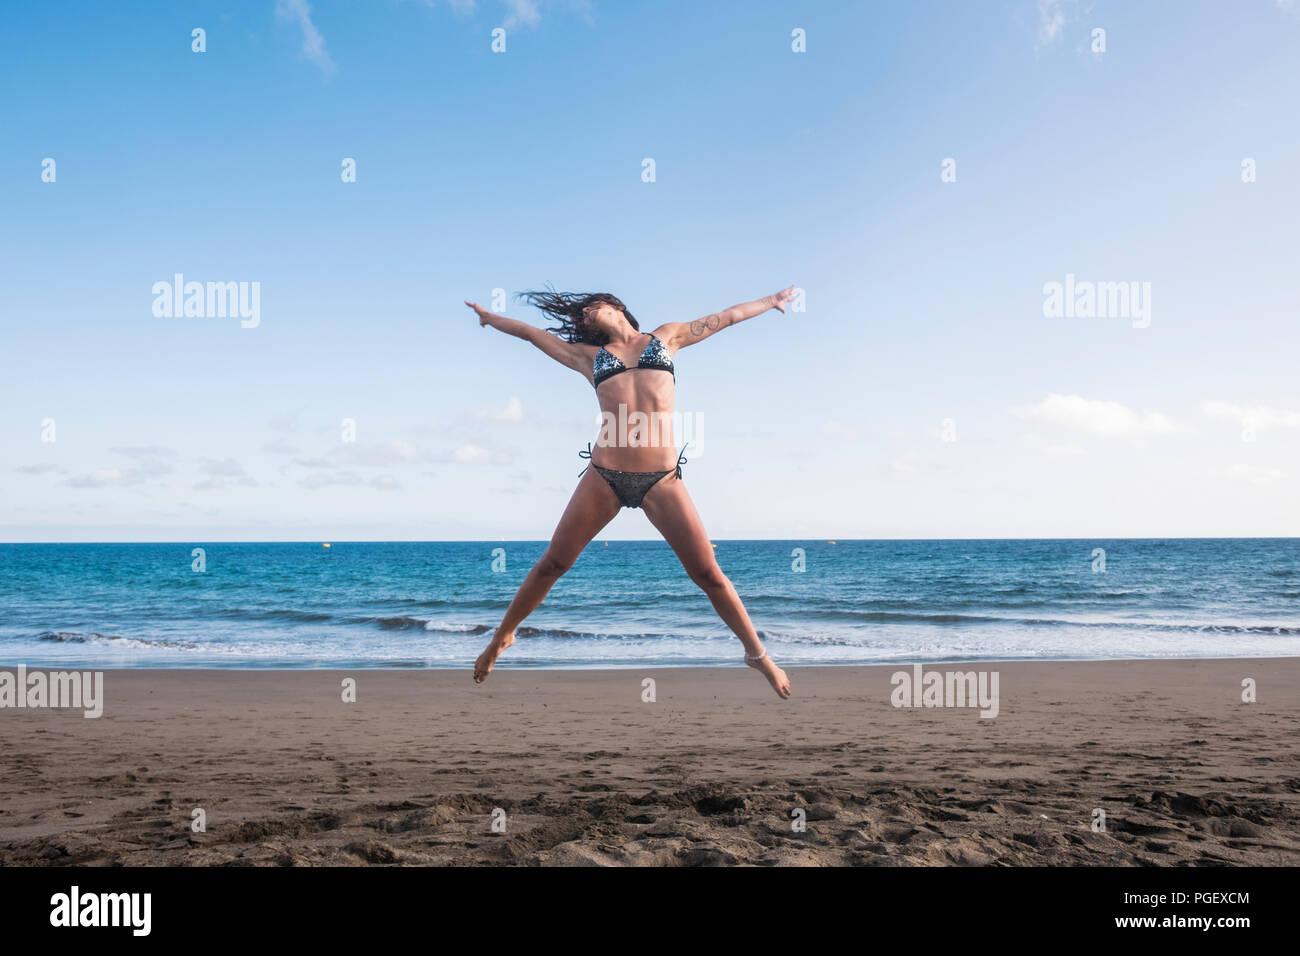 Beau corps de vie de forme physique jeune femme jump pleine de bonheur à la plage près du rivage et les vagues de l'océan bleu d'été et joyeuse. Photo Stock